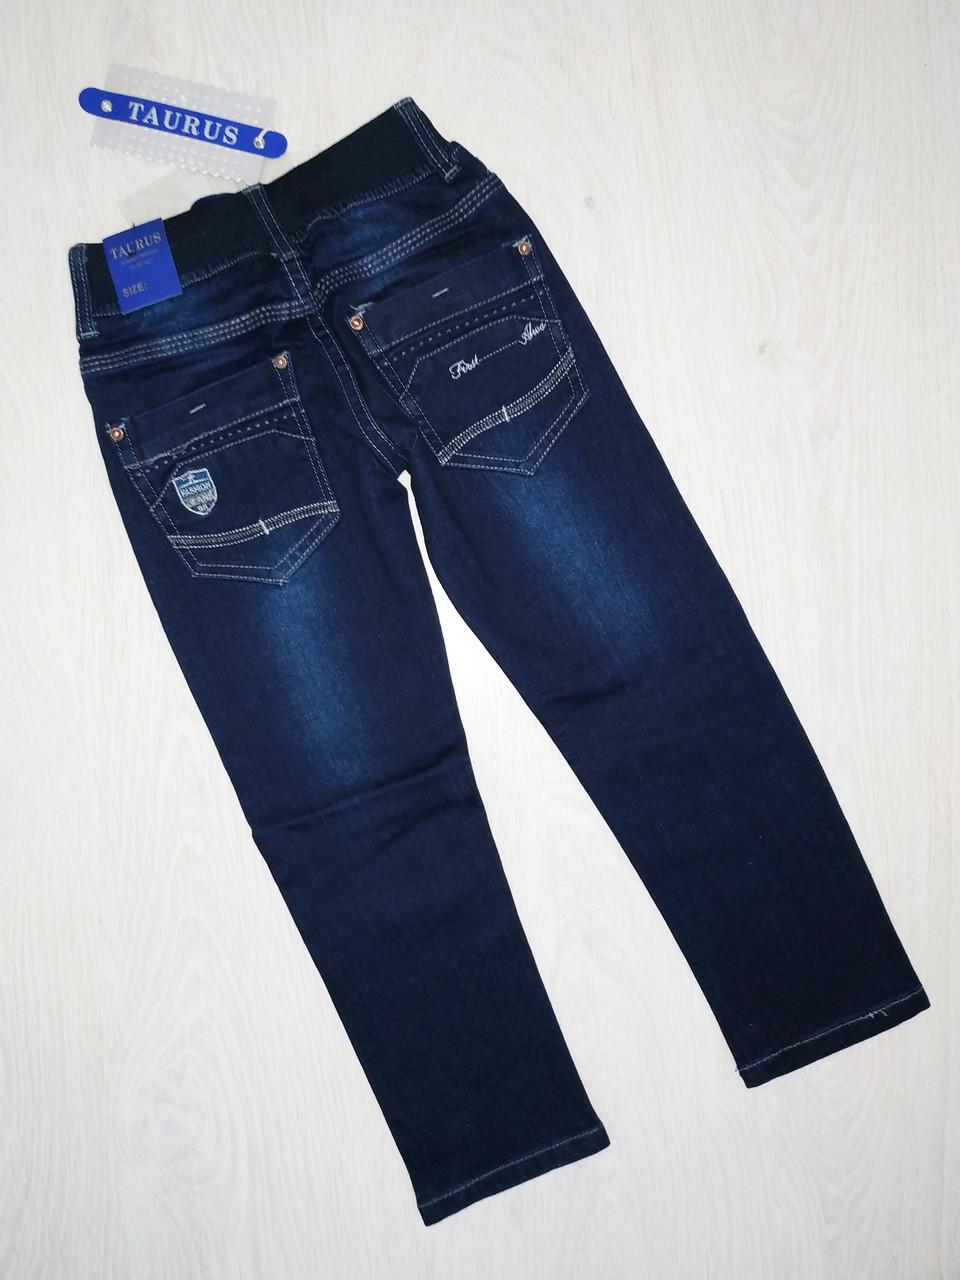 Джинсовые брюки для мальчиков, Венгрия,Taurus, рр. 110,116, арт. 809,